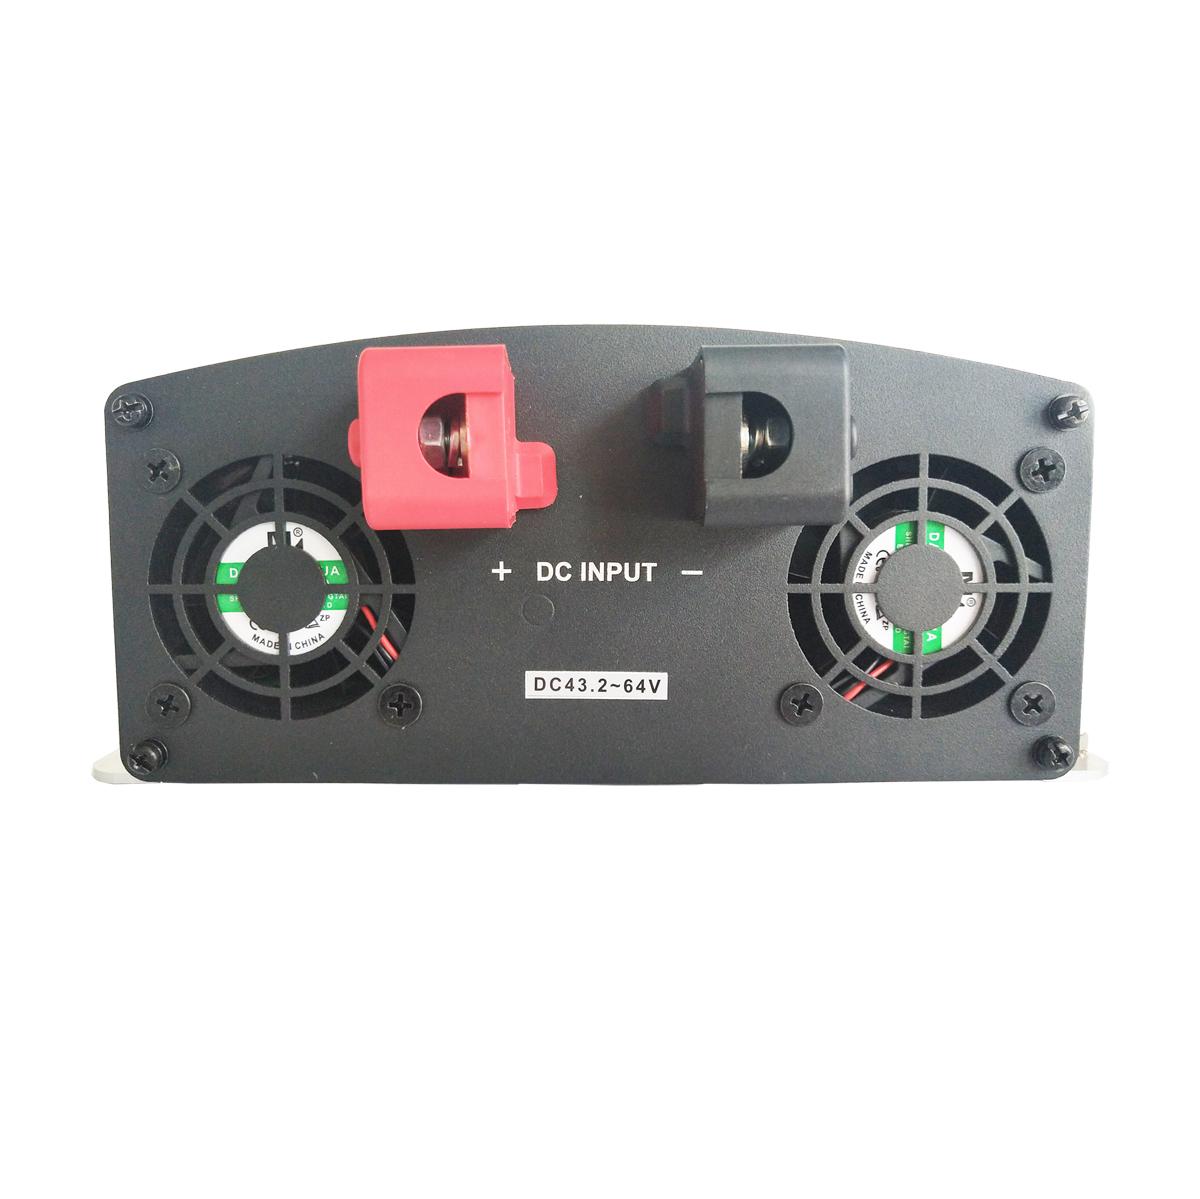 Off Lưới Điện Biến Tần Dc Để Ac Inverter Tinh Khiết Sine Wave Sóng 48V 2000W Cho Năng Lượng Mặt Trời Nhà Hệ Thống 110VAC